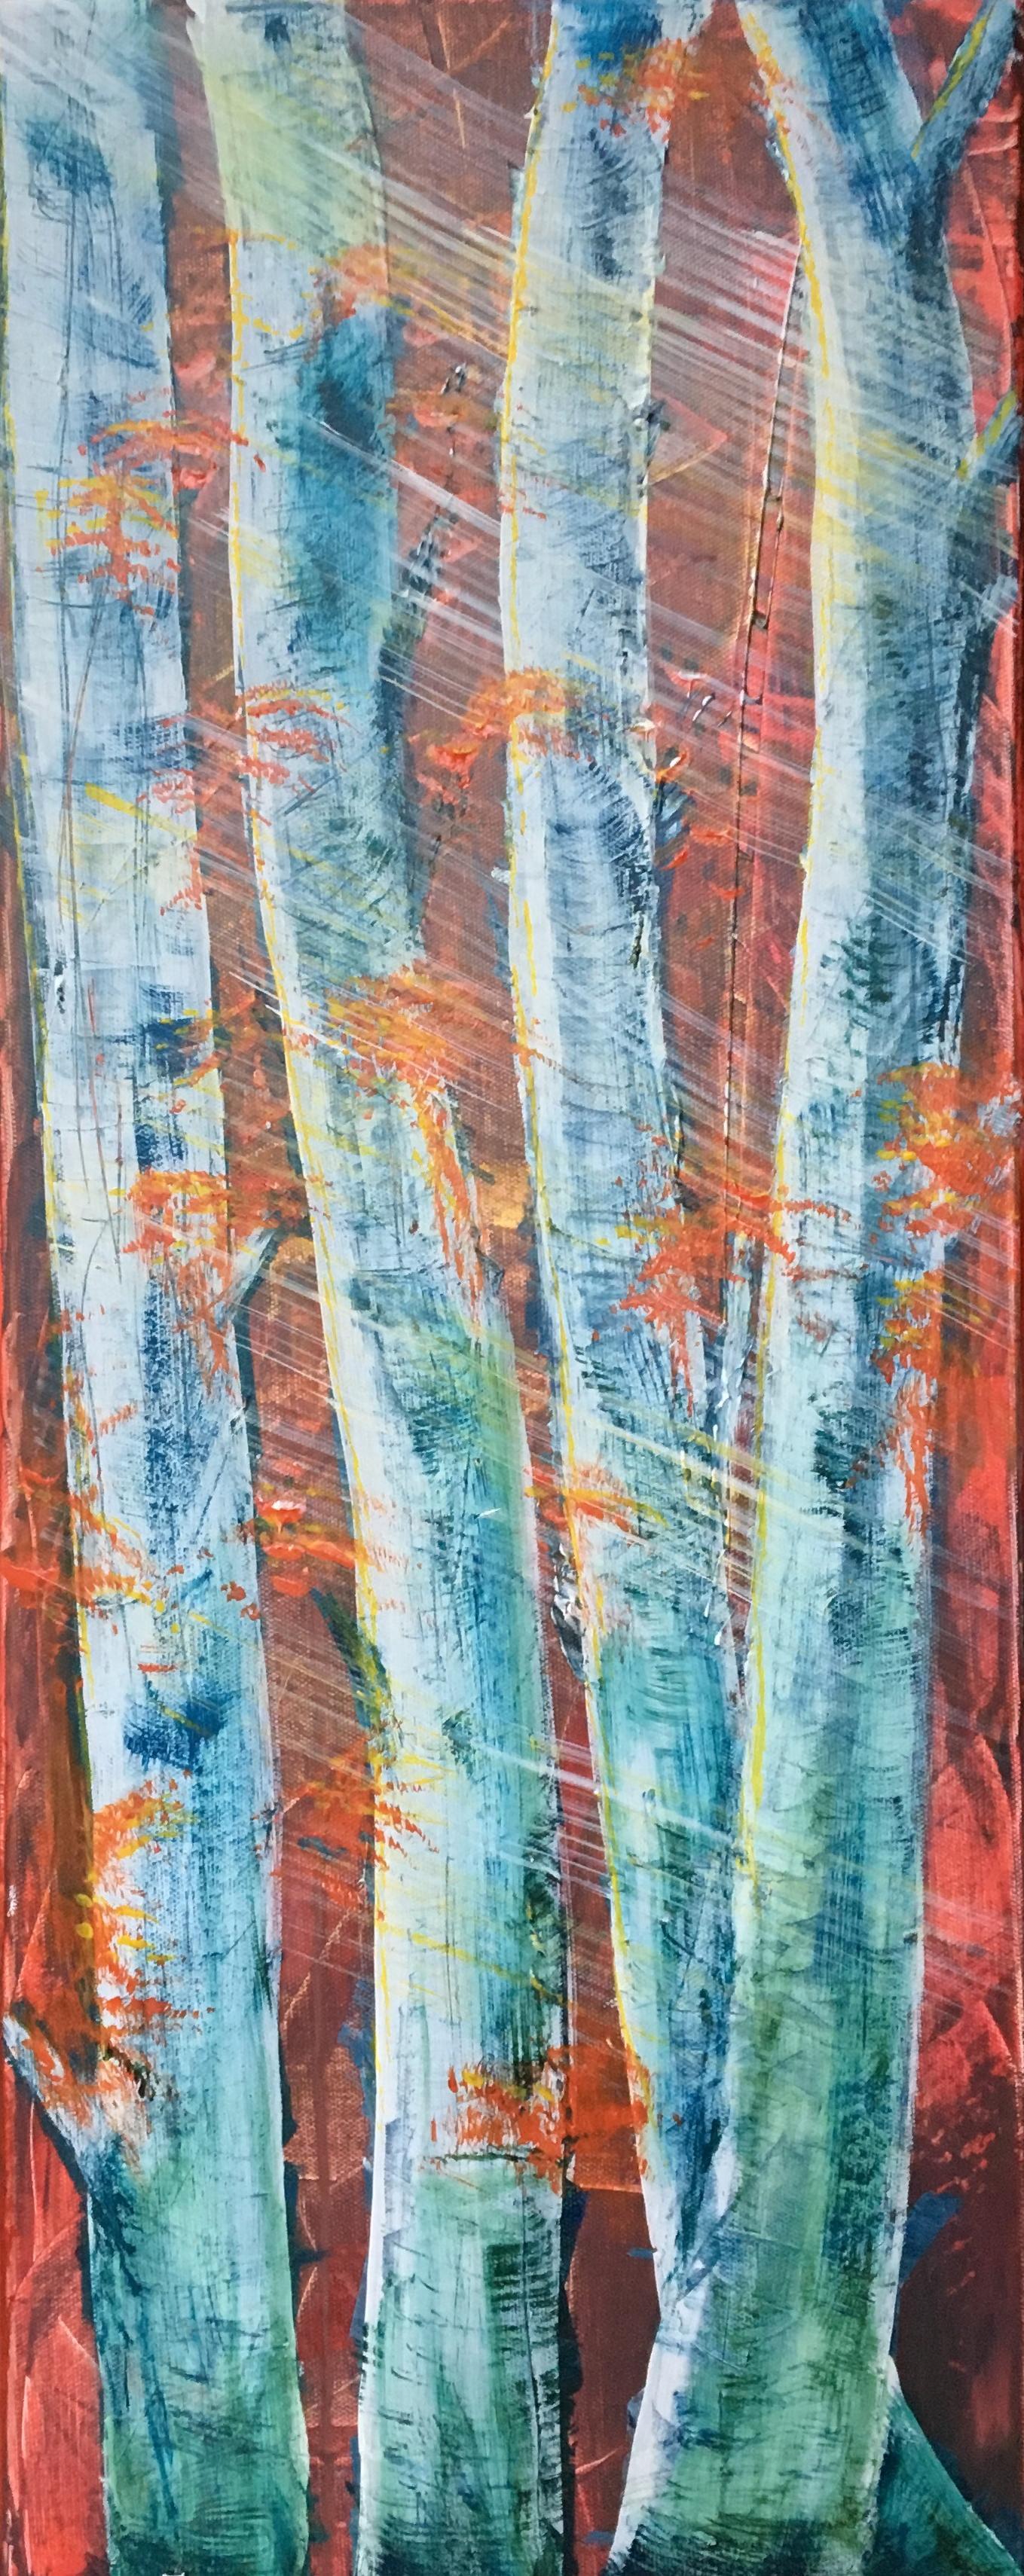 Print 1 - Autumn Trees - Size: 115 x 289